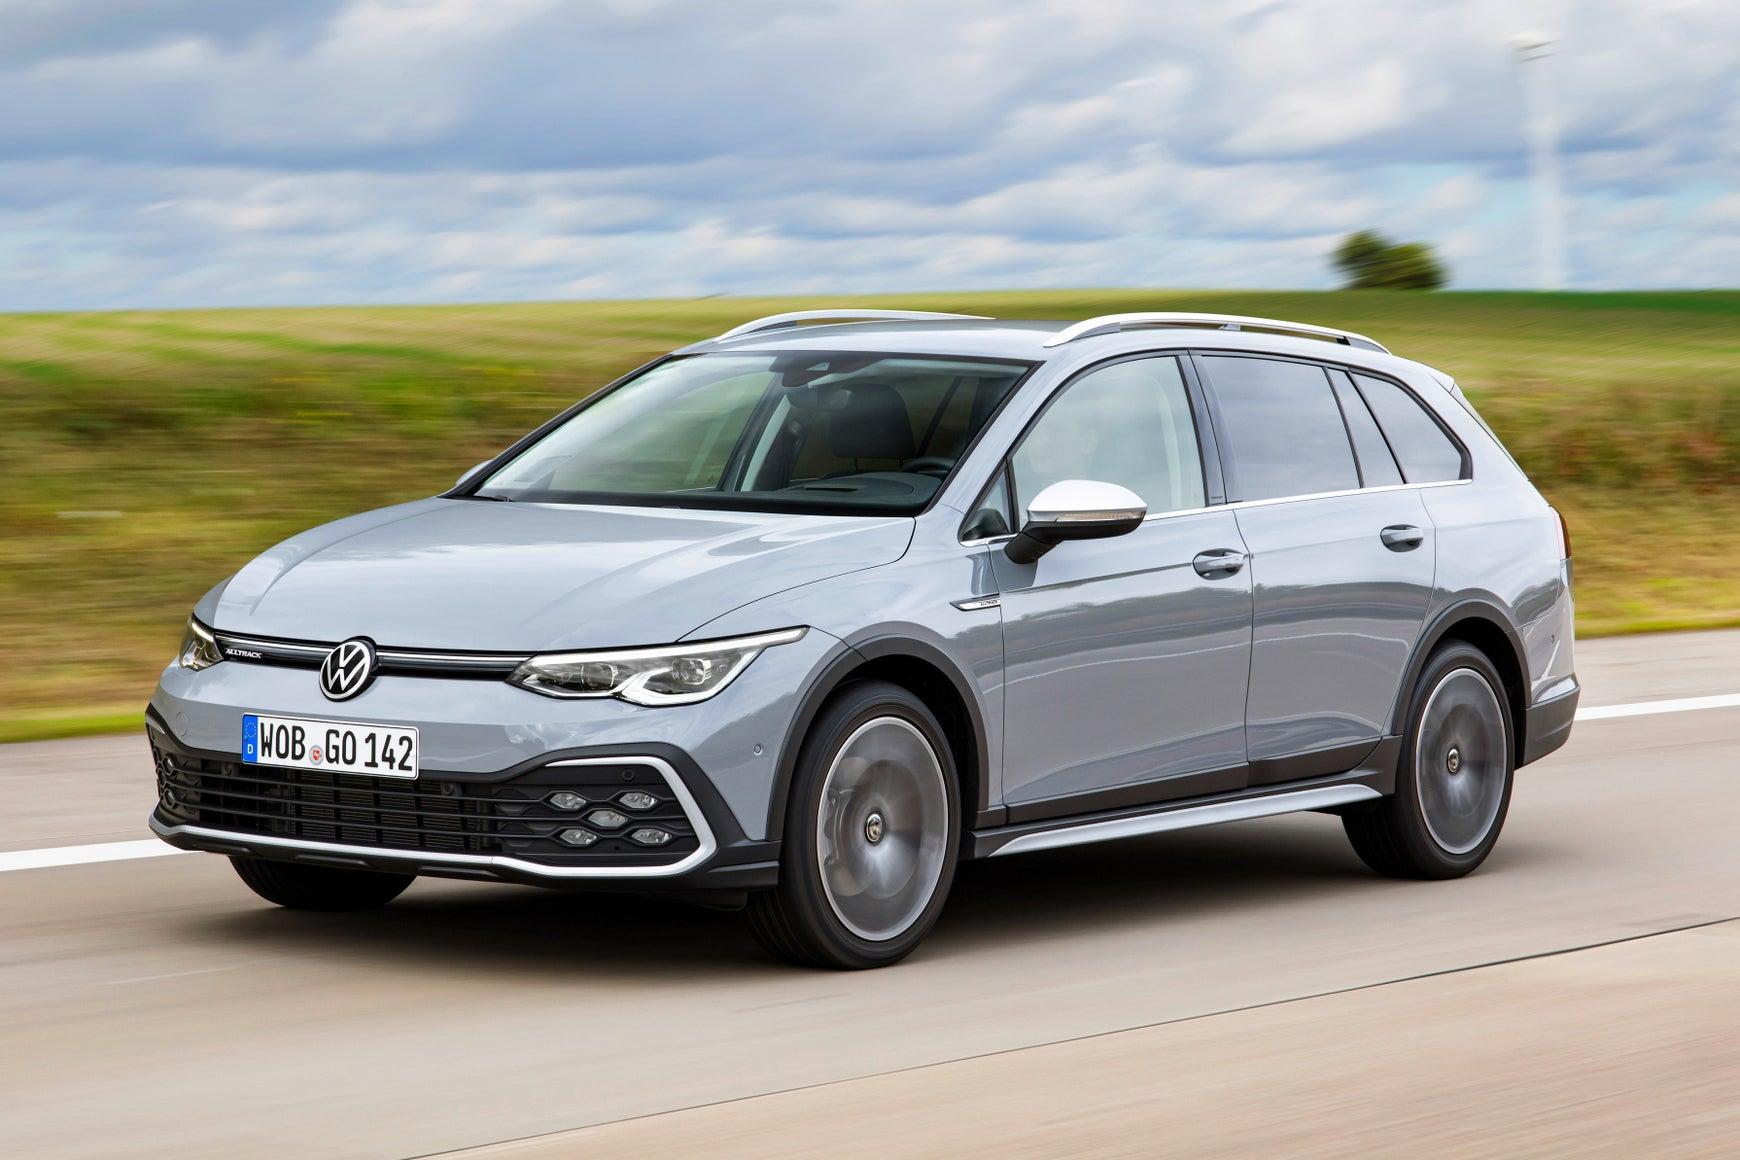 Volkswagen Golf Alltrack grey exterior